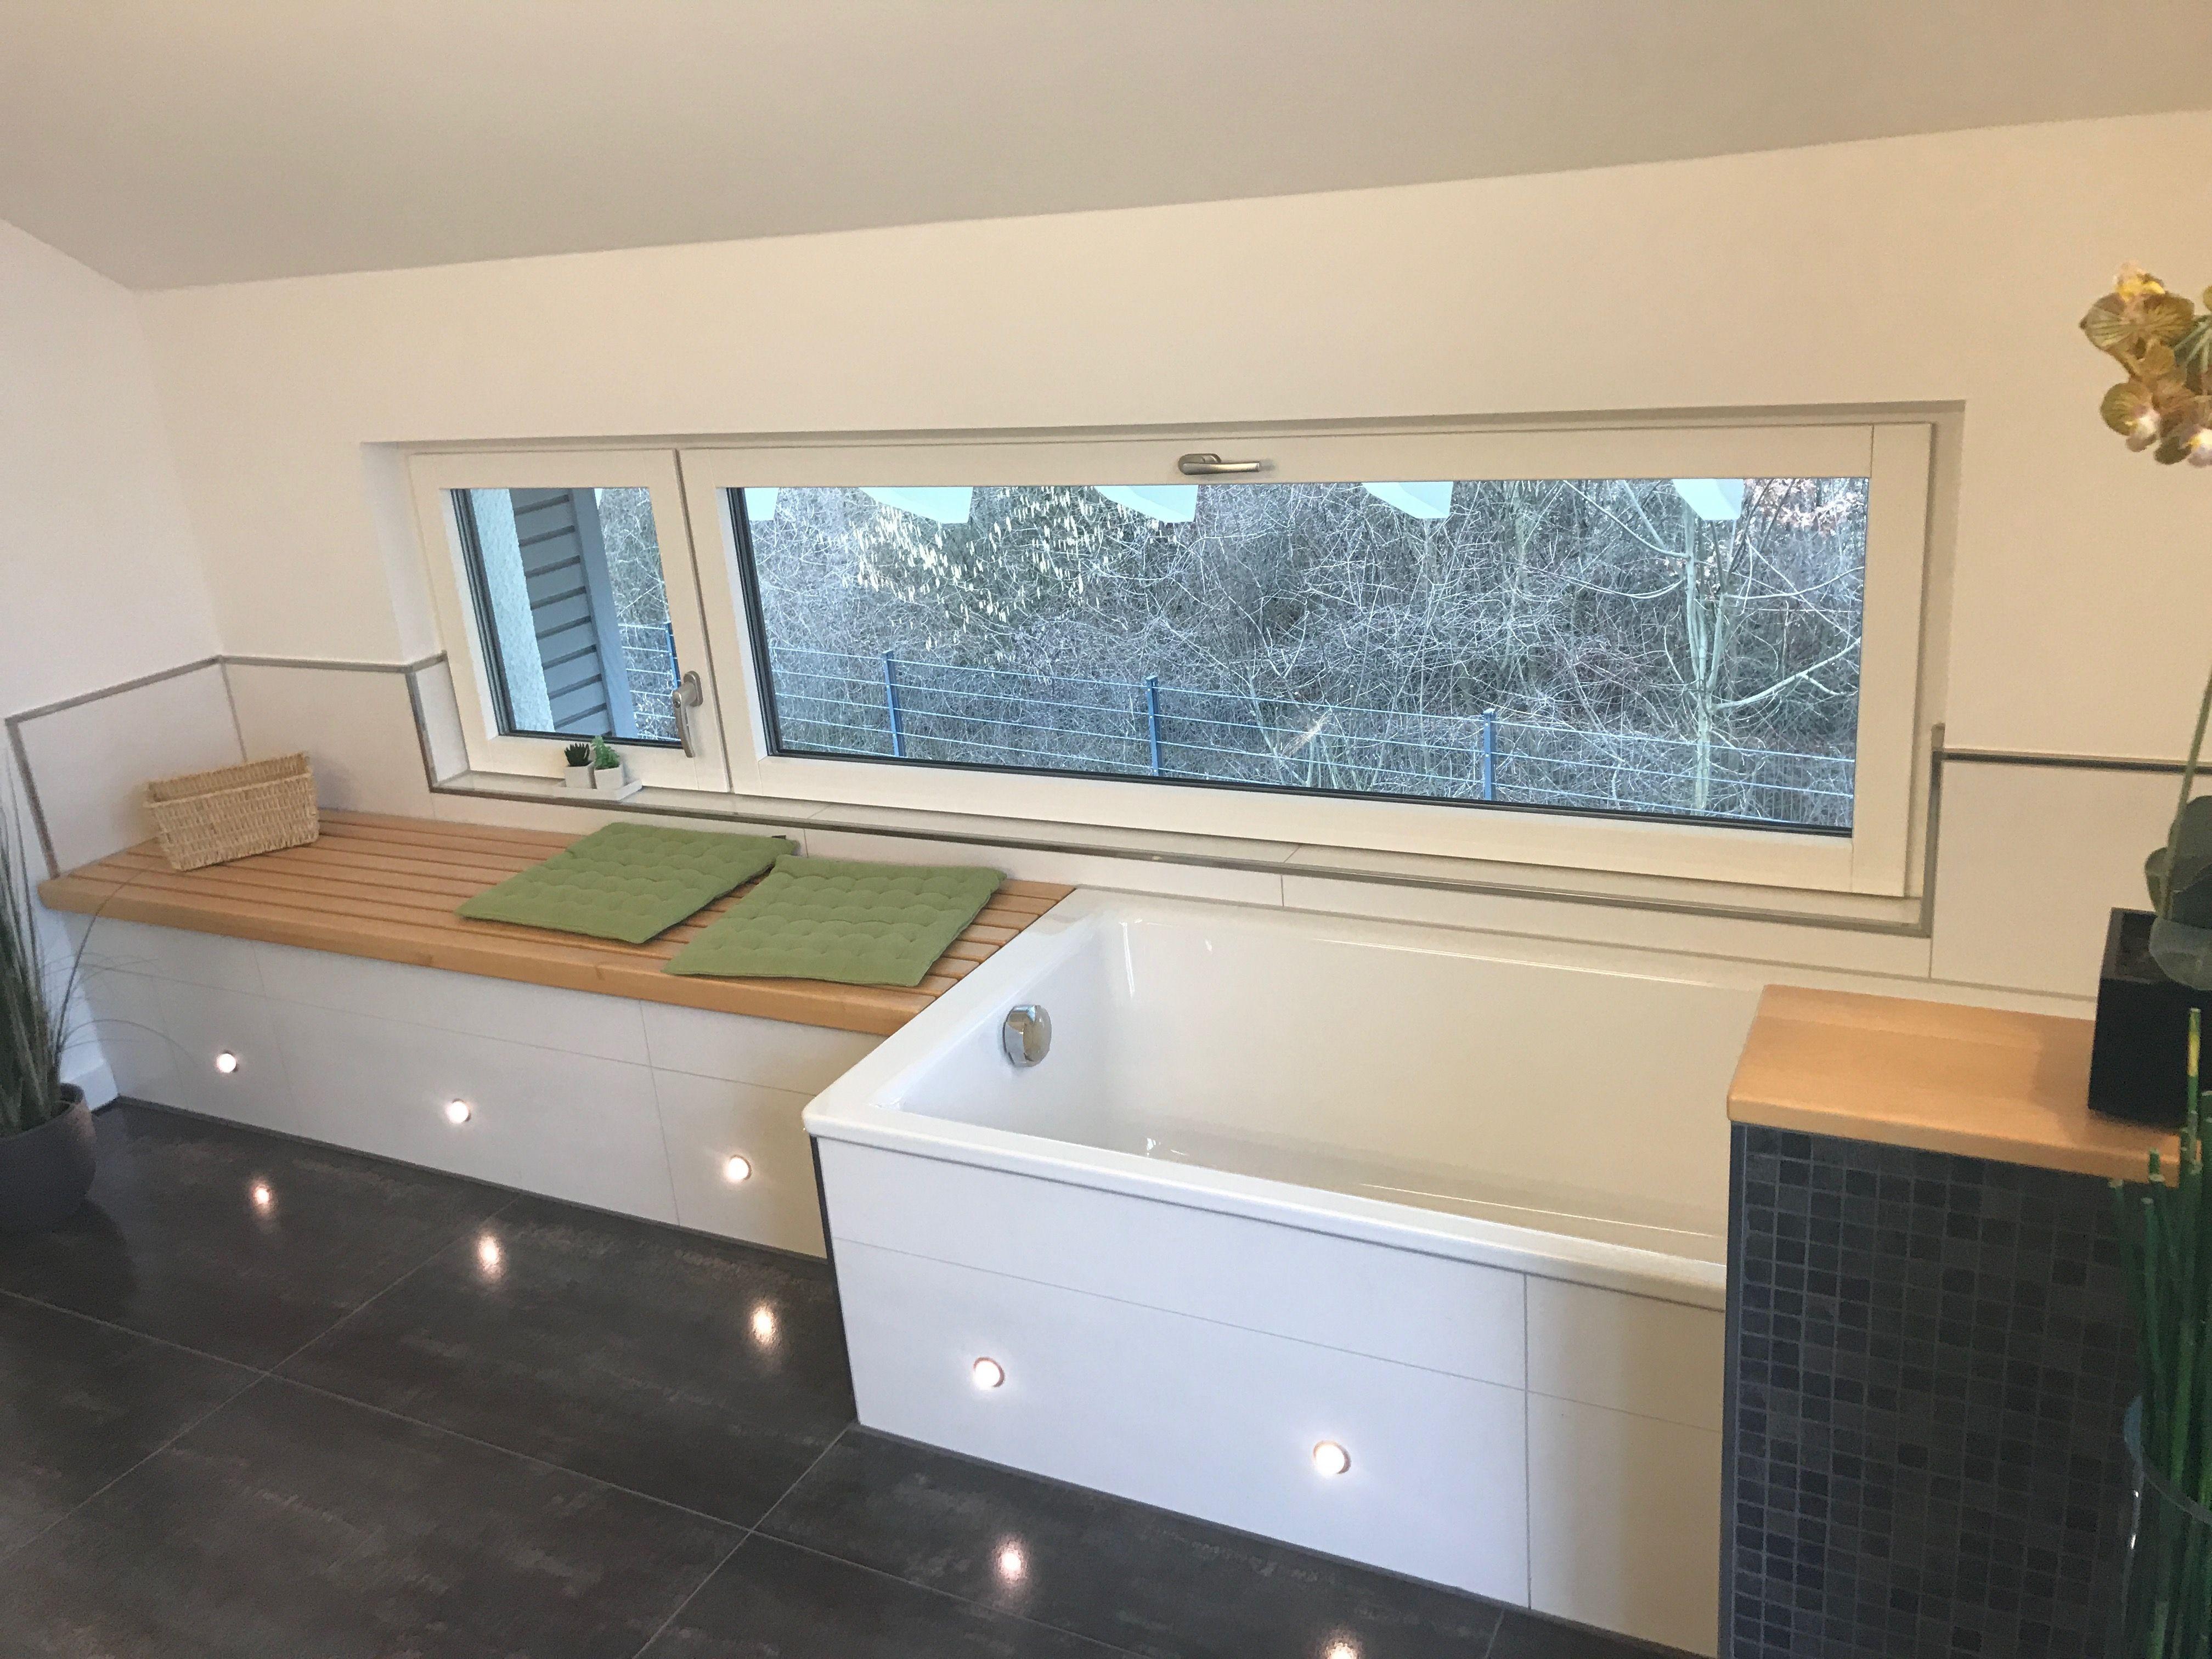 Badezimmer Fenster ~ Fenster 270x67 mit kleinem fenster rahmenaussenmass 65x65 bank